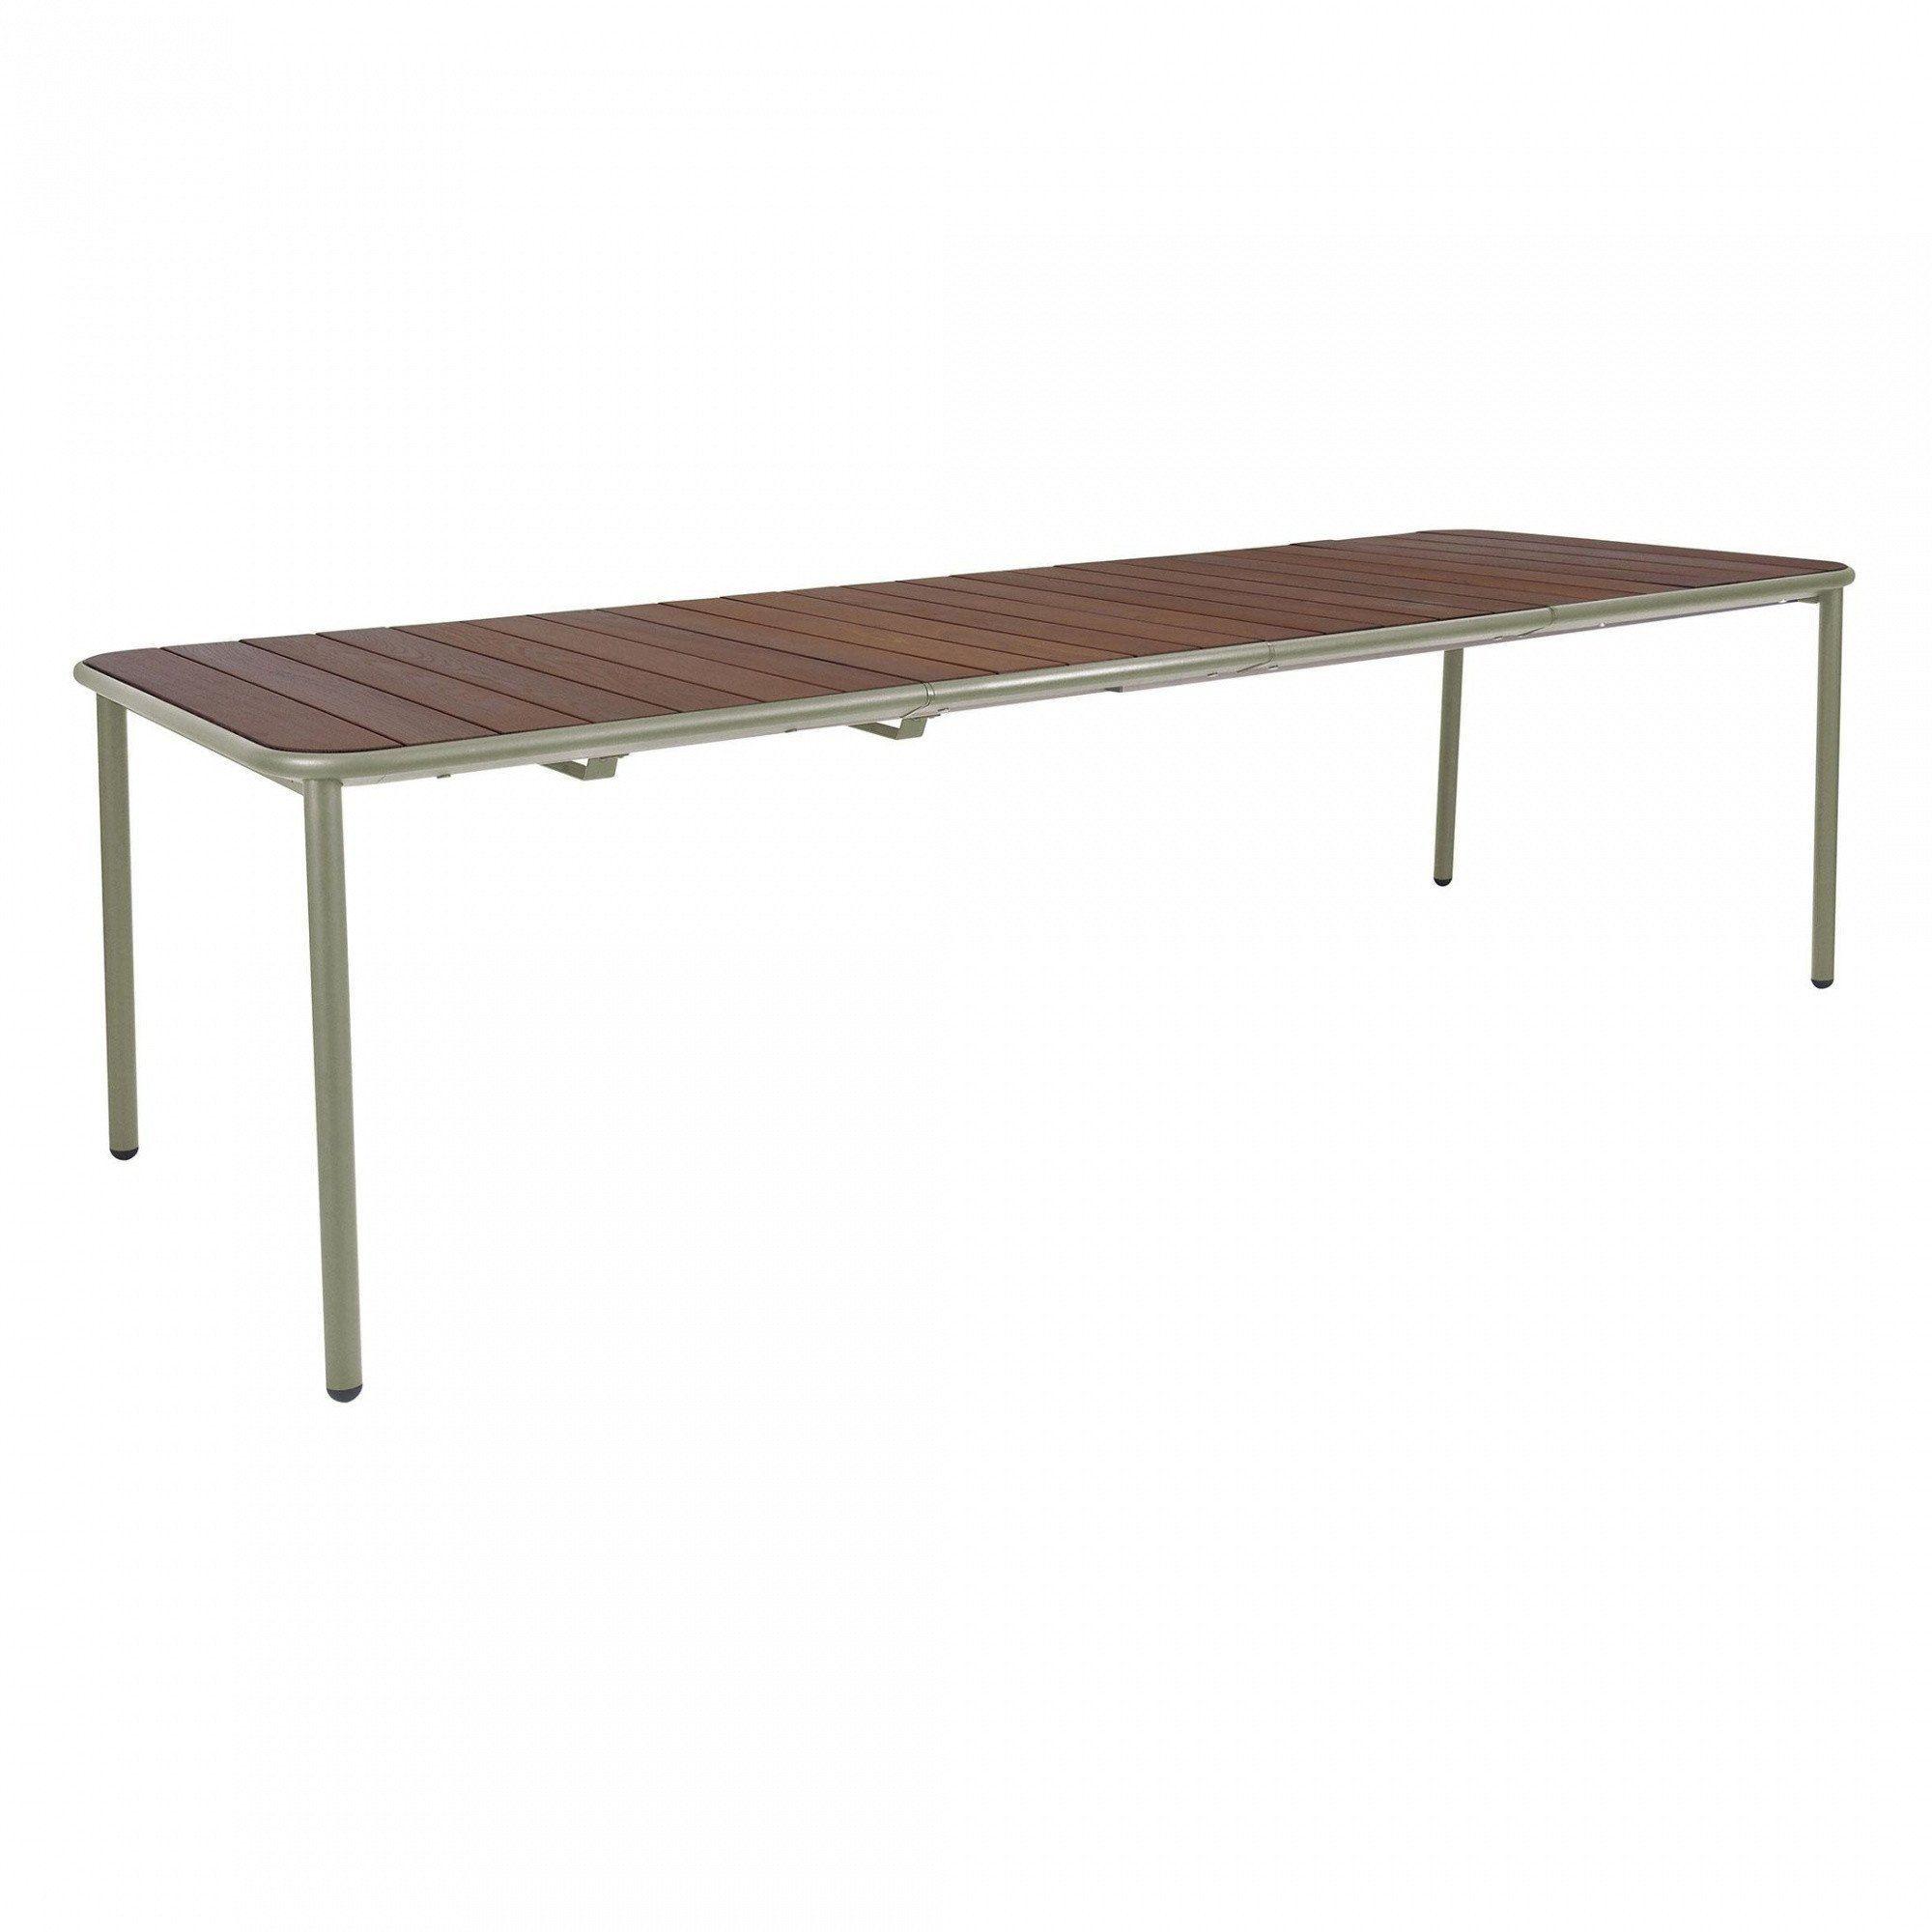 Gartentisch ausziehbar  emu Yard Eschenholz Gartentisch ausziehbar | AmbienteDirect